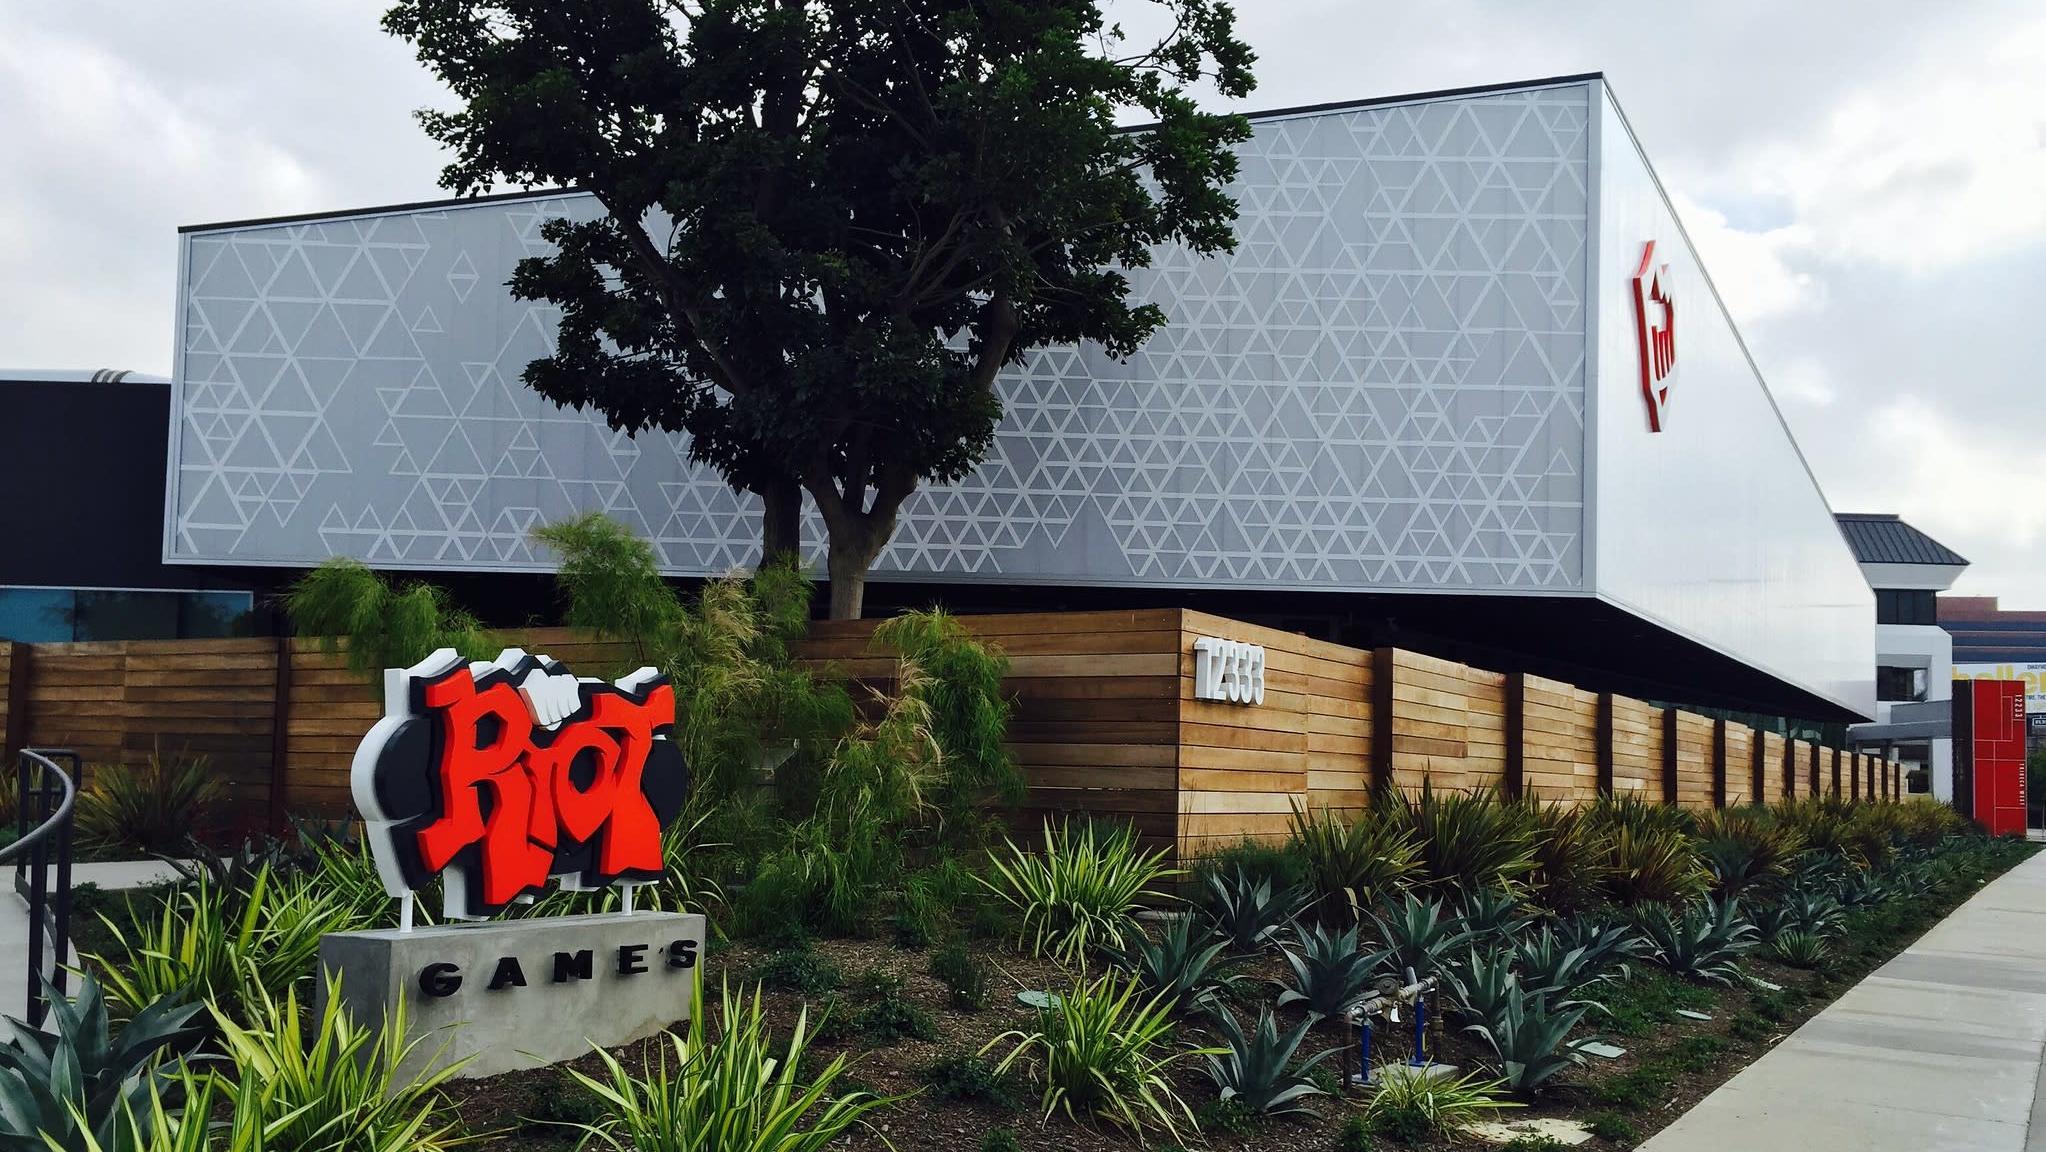 Oficinas de RIot Games en California